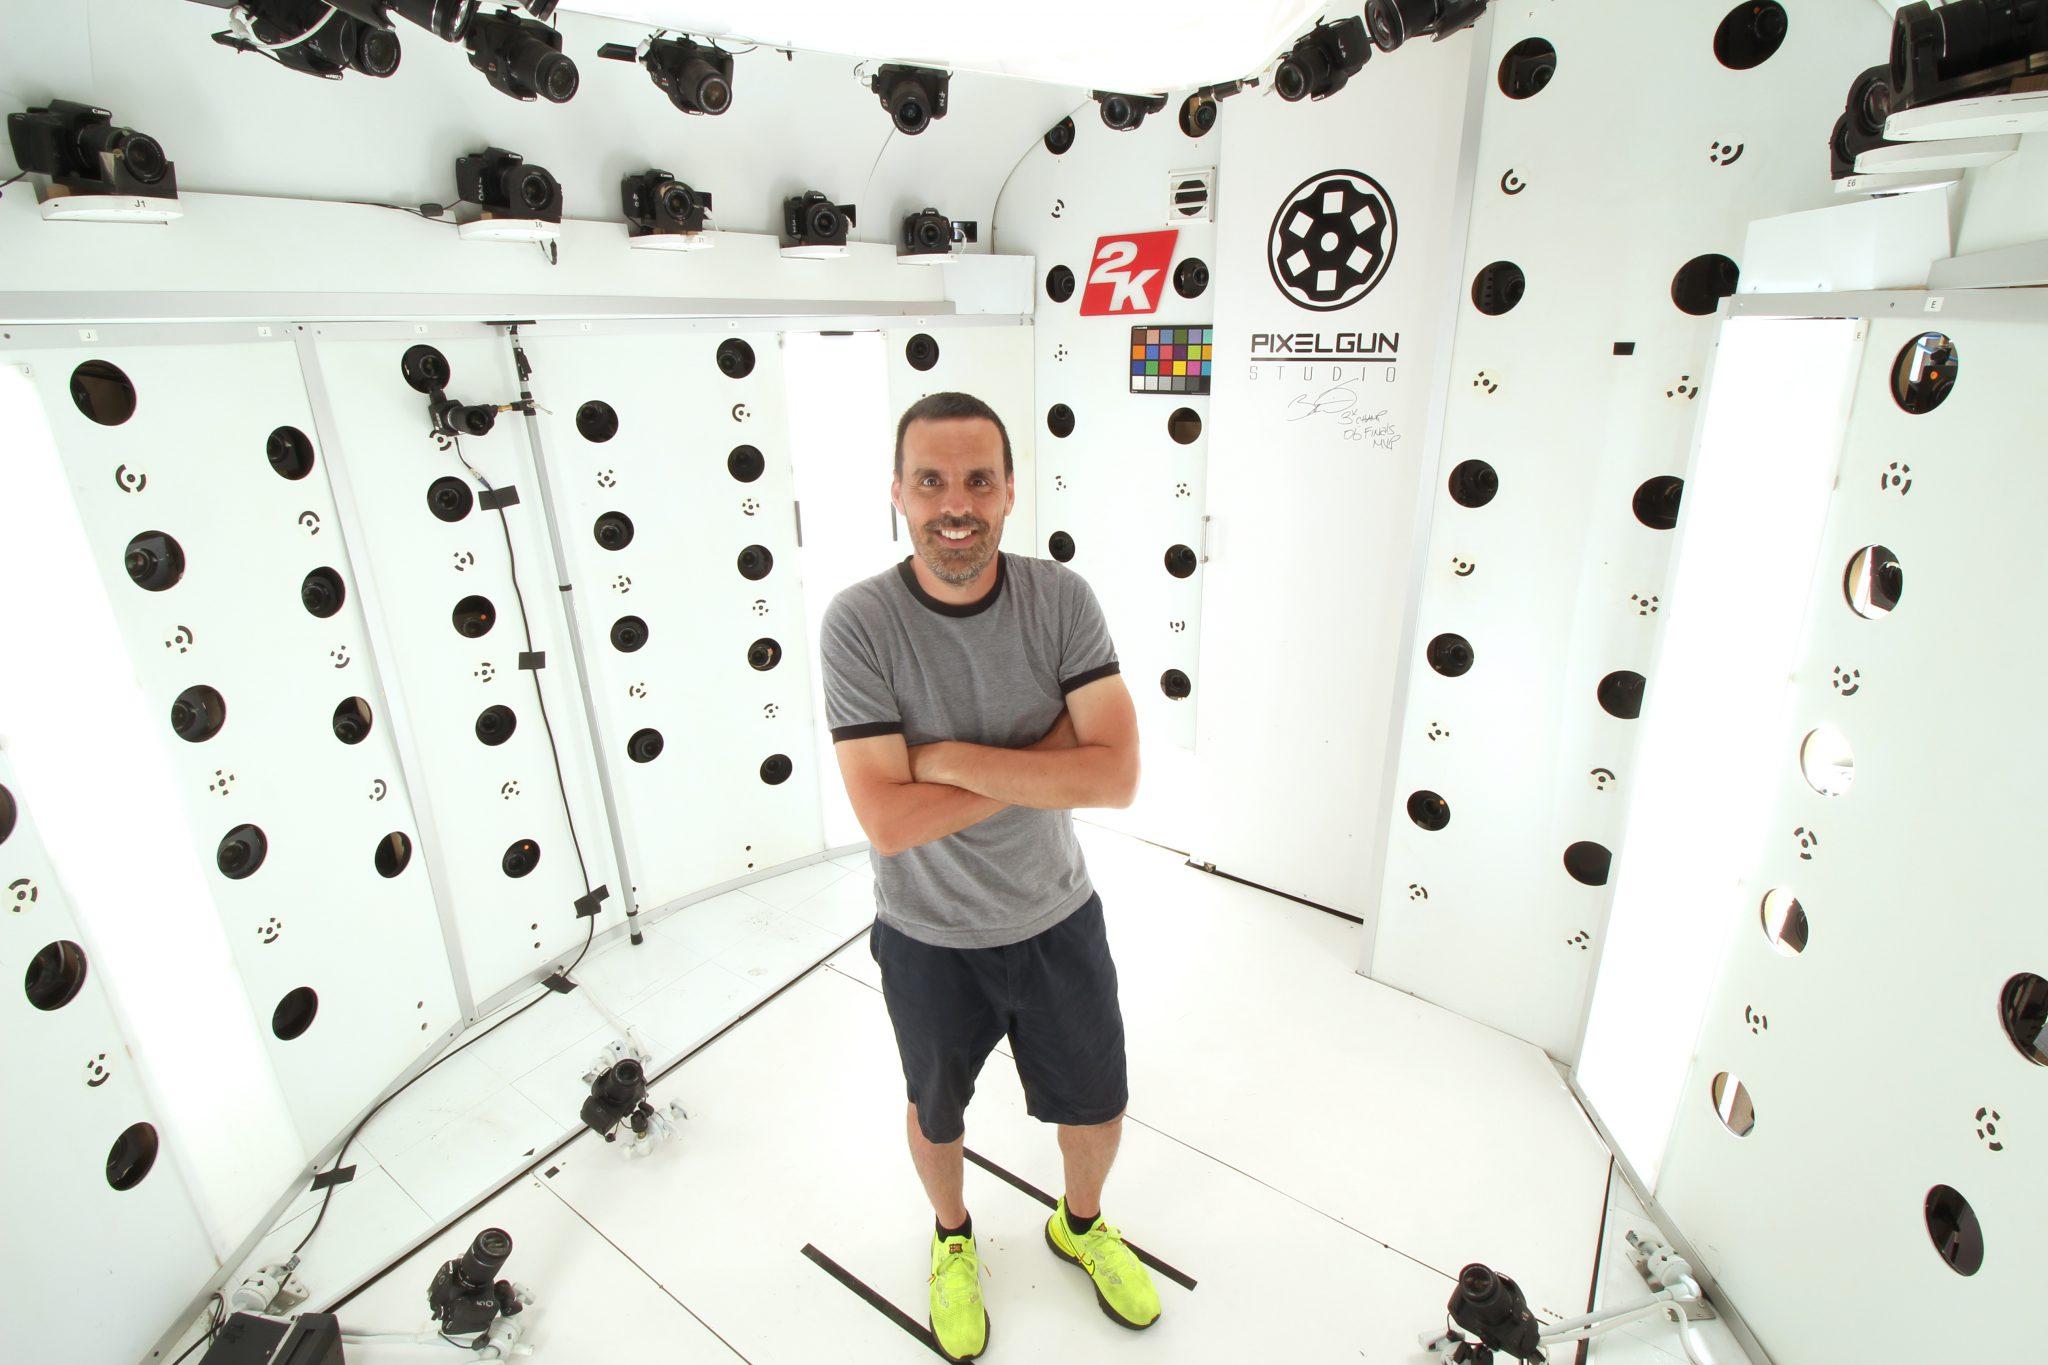 Entrevista a Outconsumer: Baloncesto y videojuegos, jugadores que juegan, anécdotas…